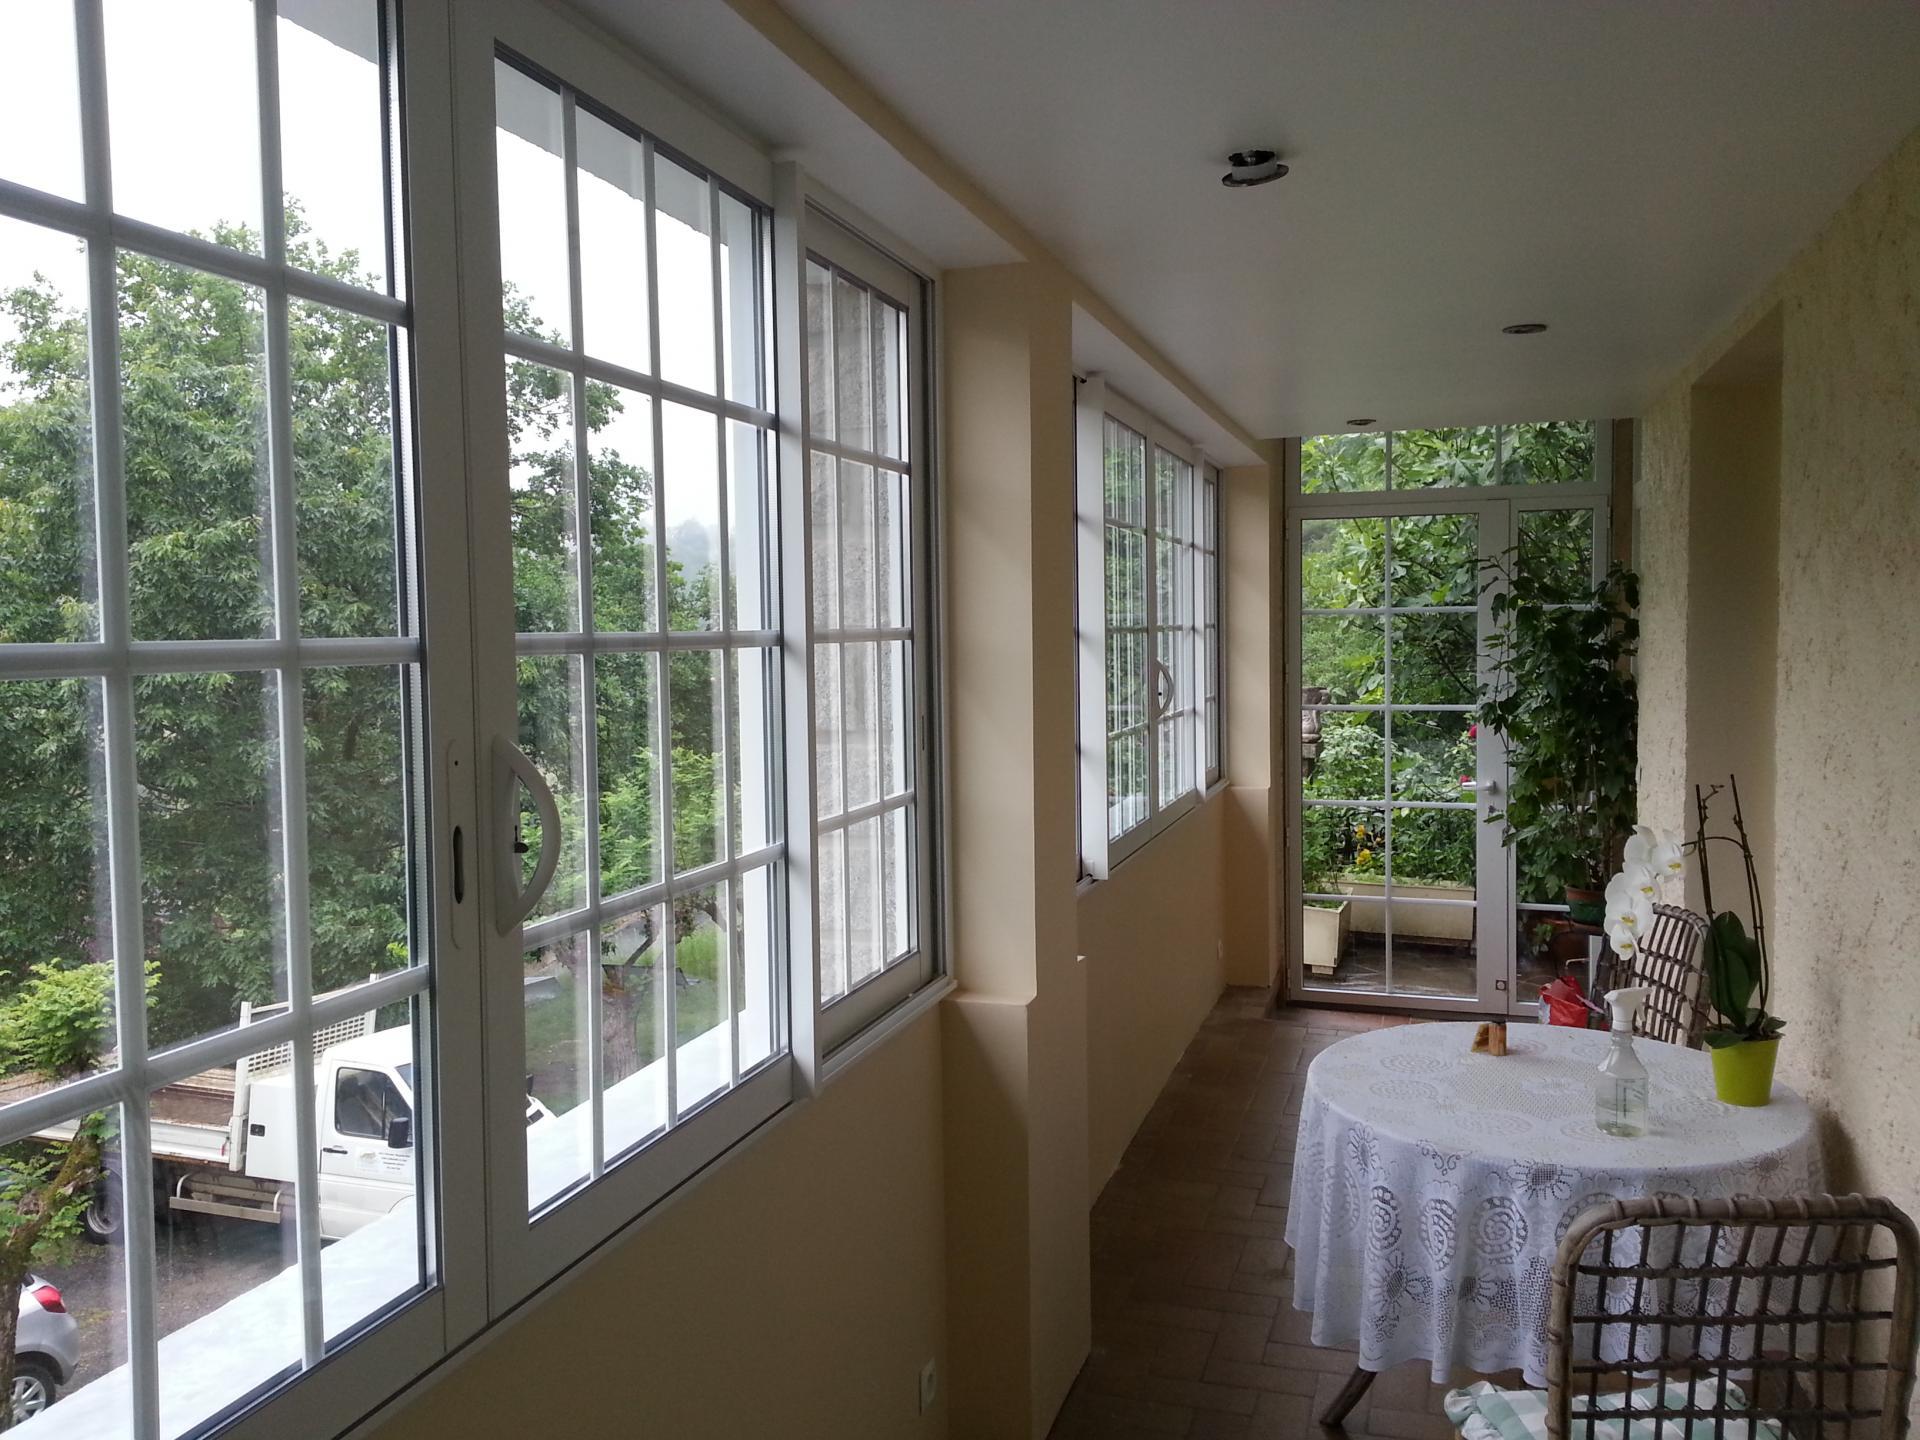 Création verrière/vérranda dans terrasse existante